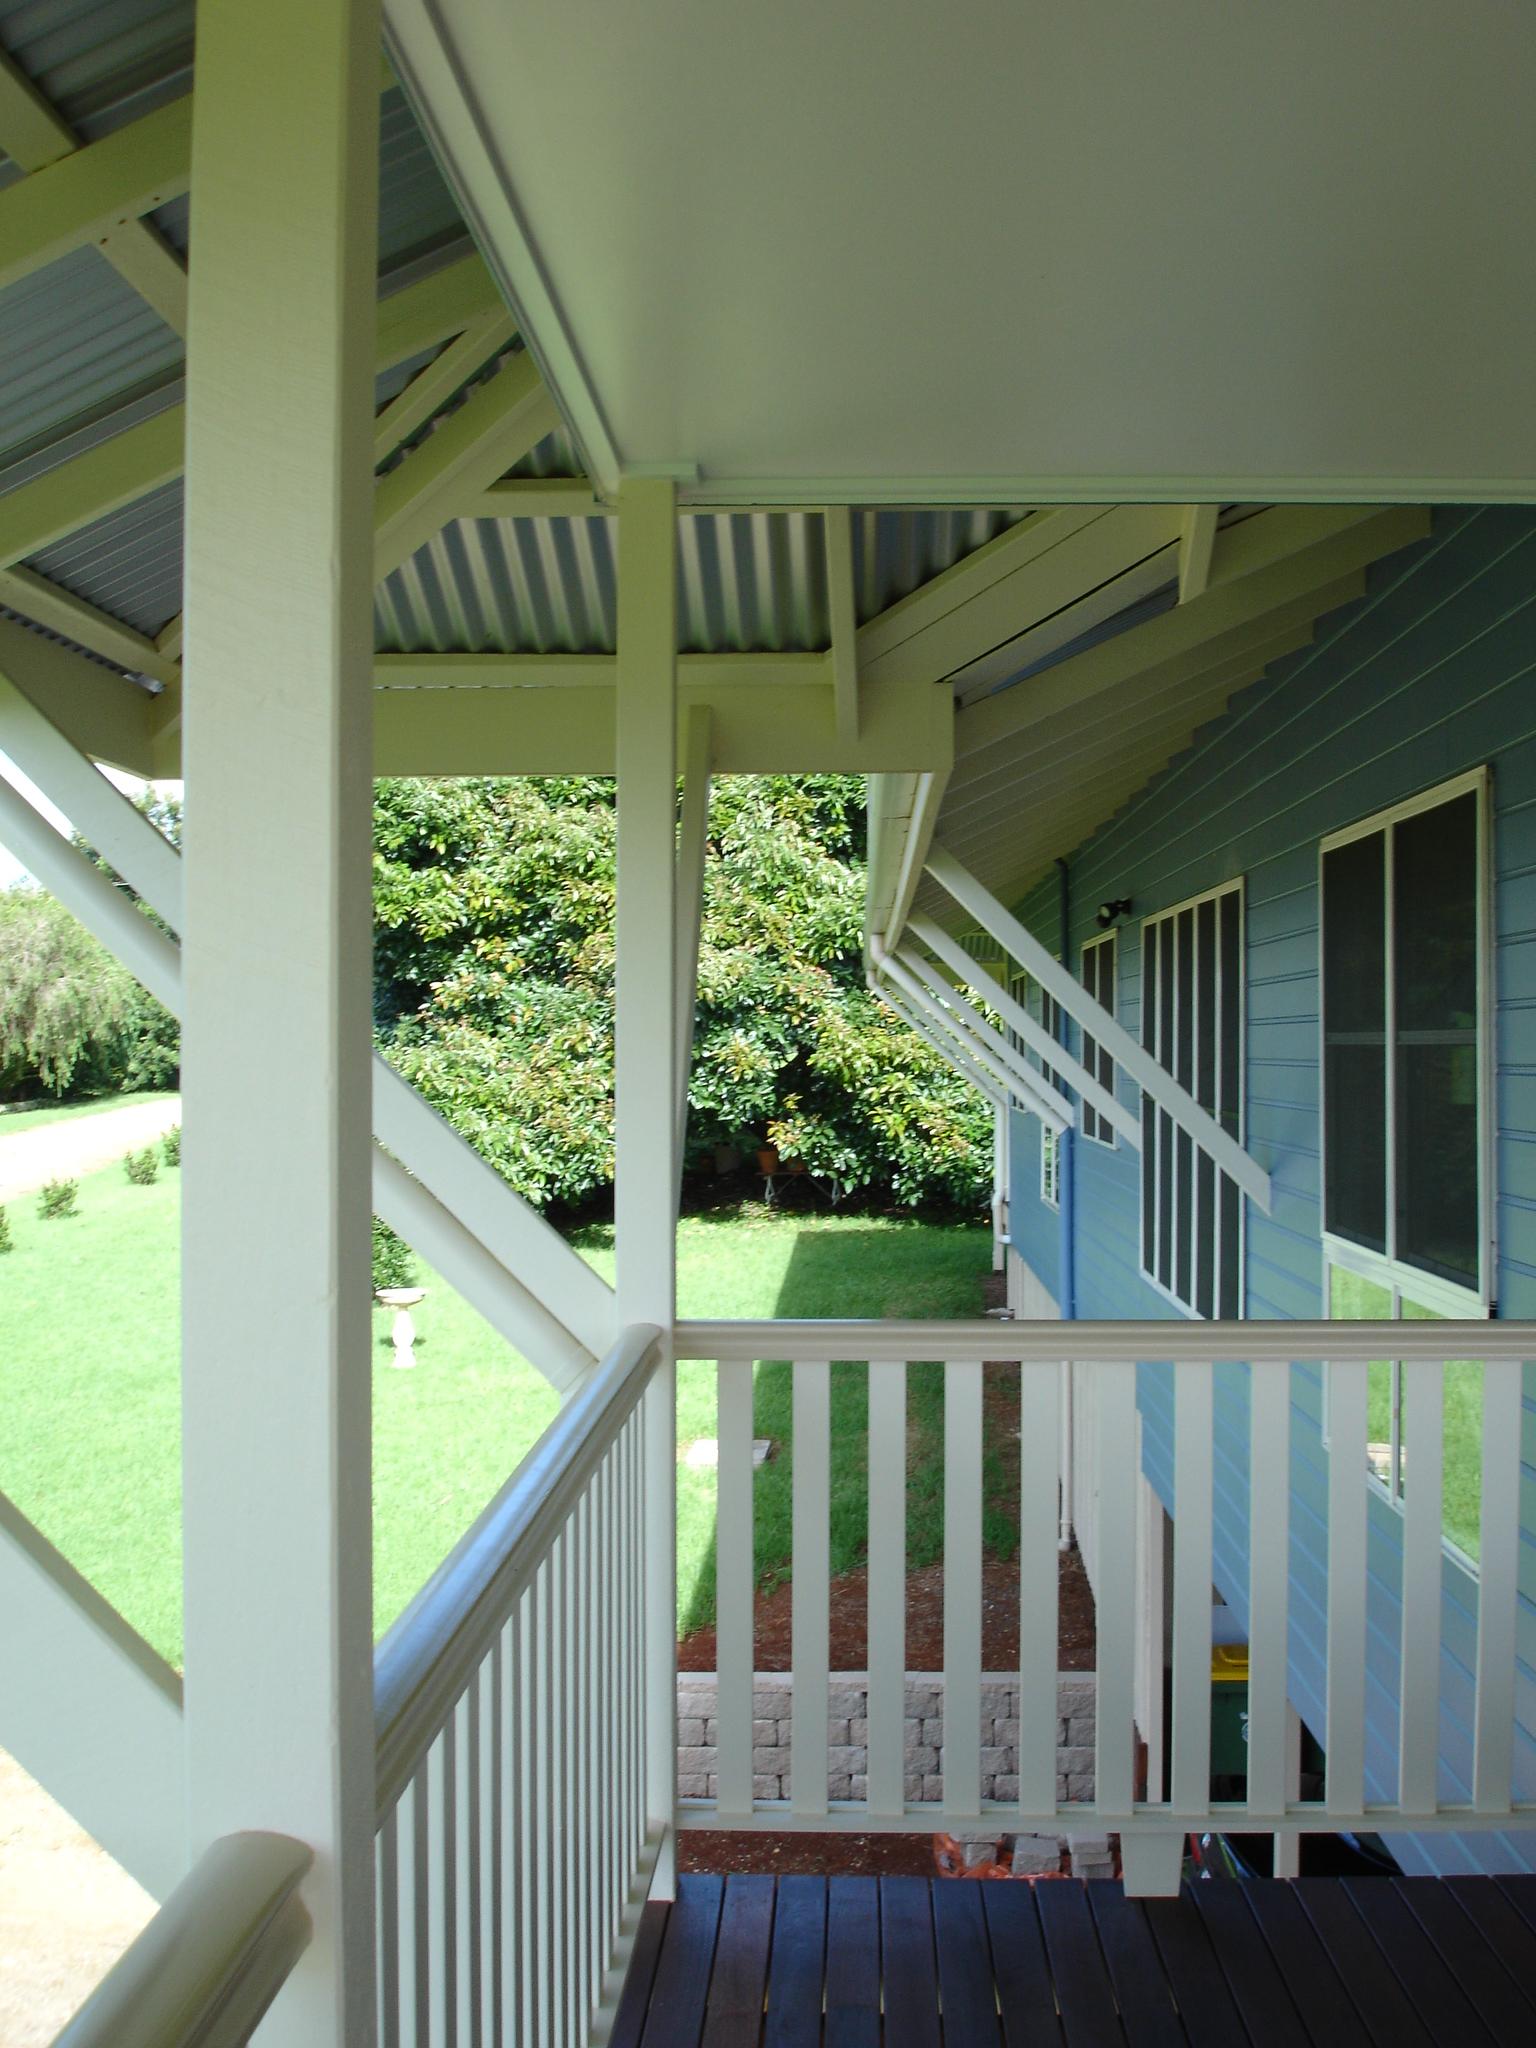 Latemore design harbottle cottage extension for Cottage extension designs